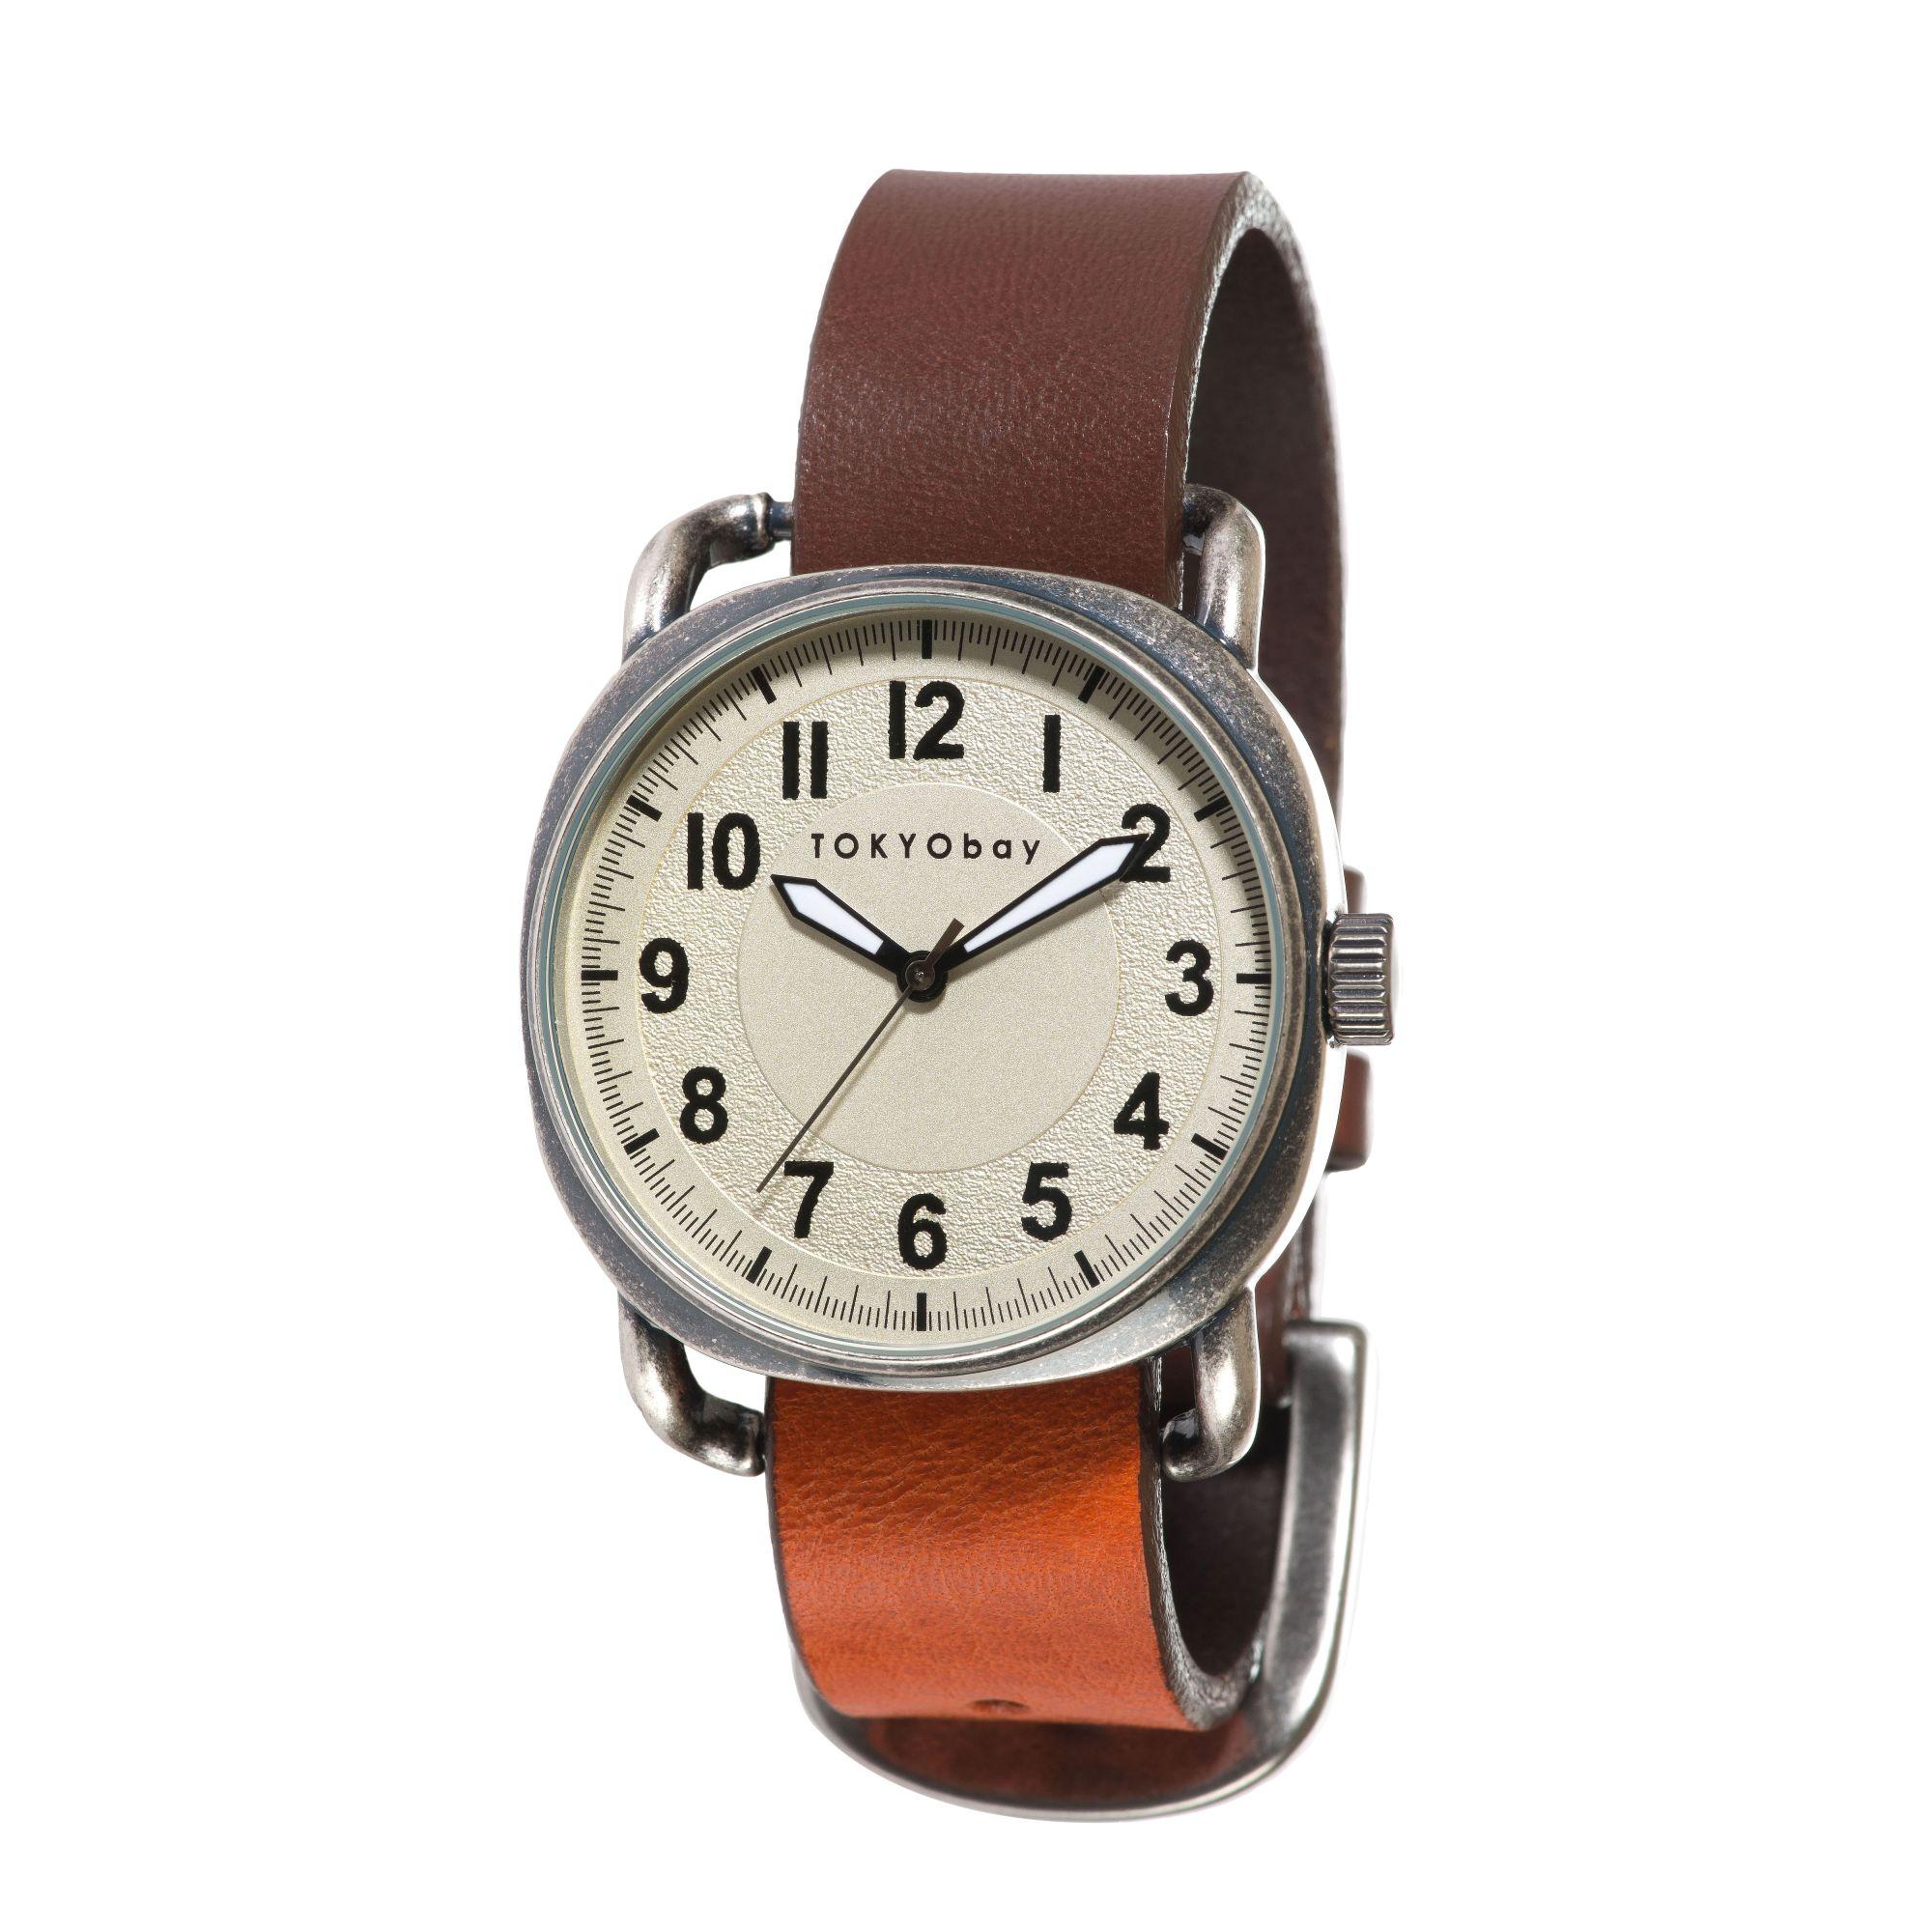 Часы наручные TOKYObay Ink OrangeЧасы TOKYObay Производитель: TOKYObay Inc. (США) Механизм: кварцевый MIYOTA (Япония) Корпус: 4,8/3,9/1 см, металл(не содержит никель), задняя крышка из нержавеющей стали. Стекло: минеральное стекло Размер ремешка: 2,2/2 см Материал ремешка: натуральная кожа Гарантия: 1 год<br><br>Цвет: мультиколор<br>Механизм: кварцевый<br>Материал корпуса: металл<br>Ремешок: натуральная кожа<br>Форма корпуса: Круг<br>Пол: женские